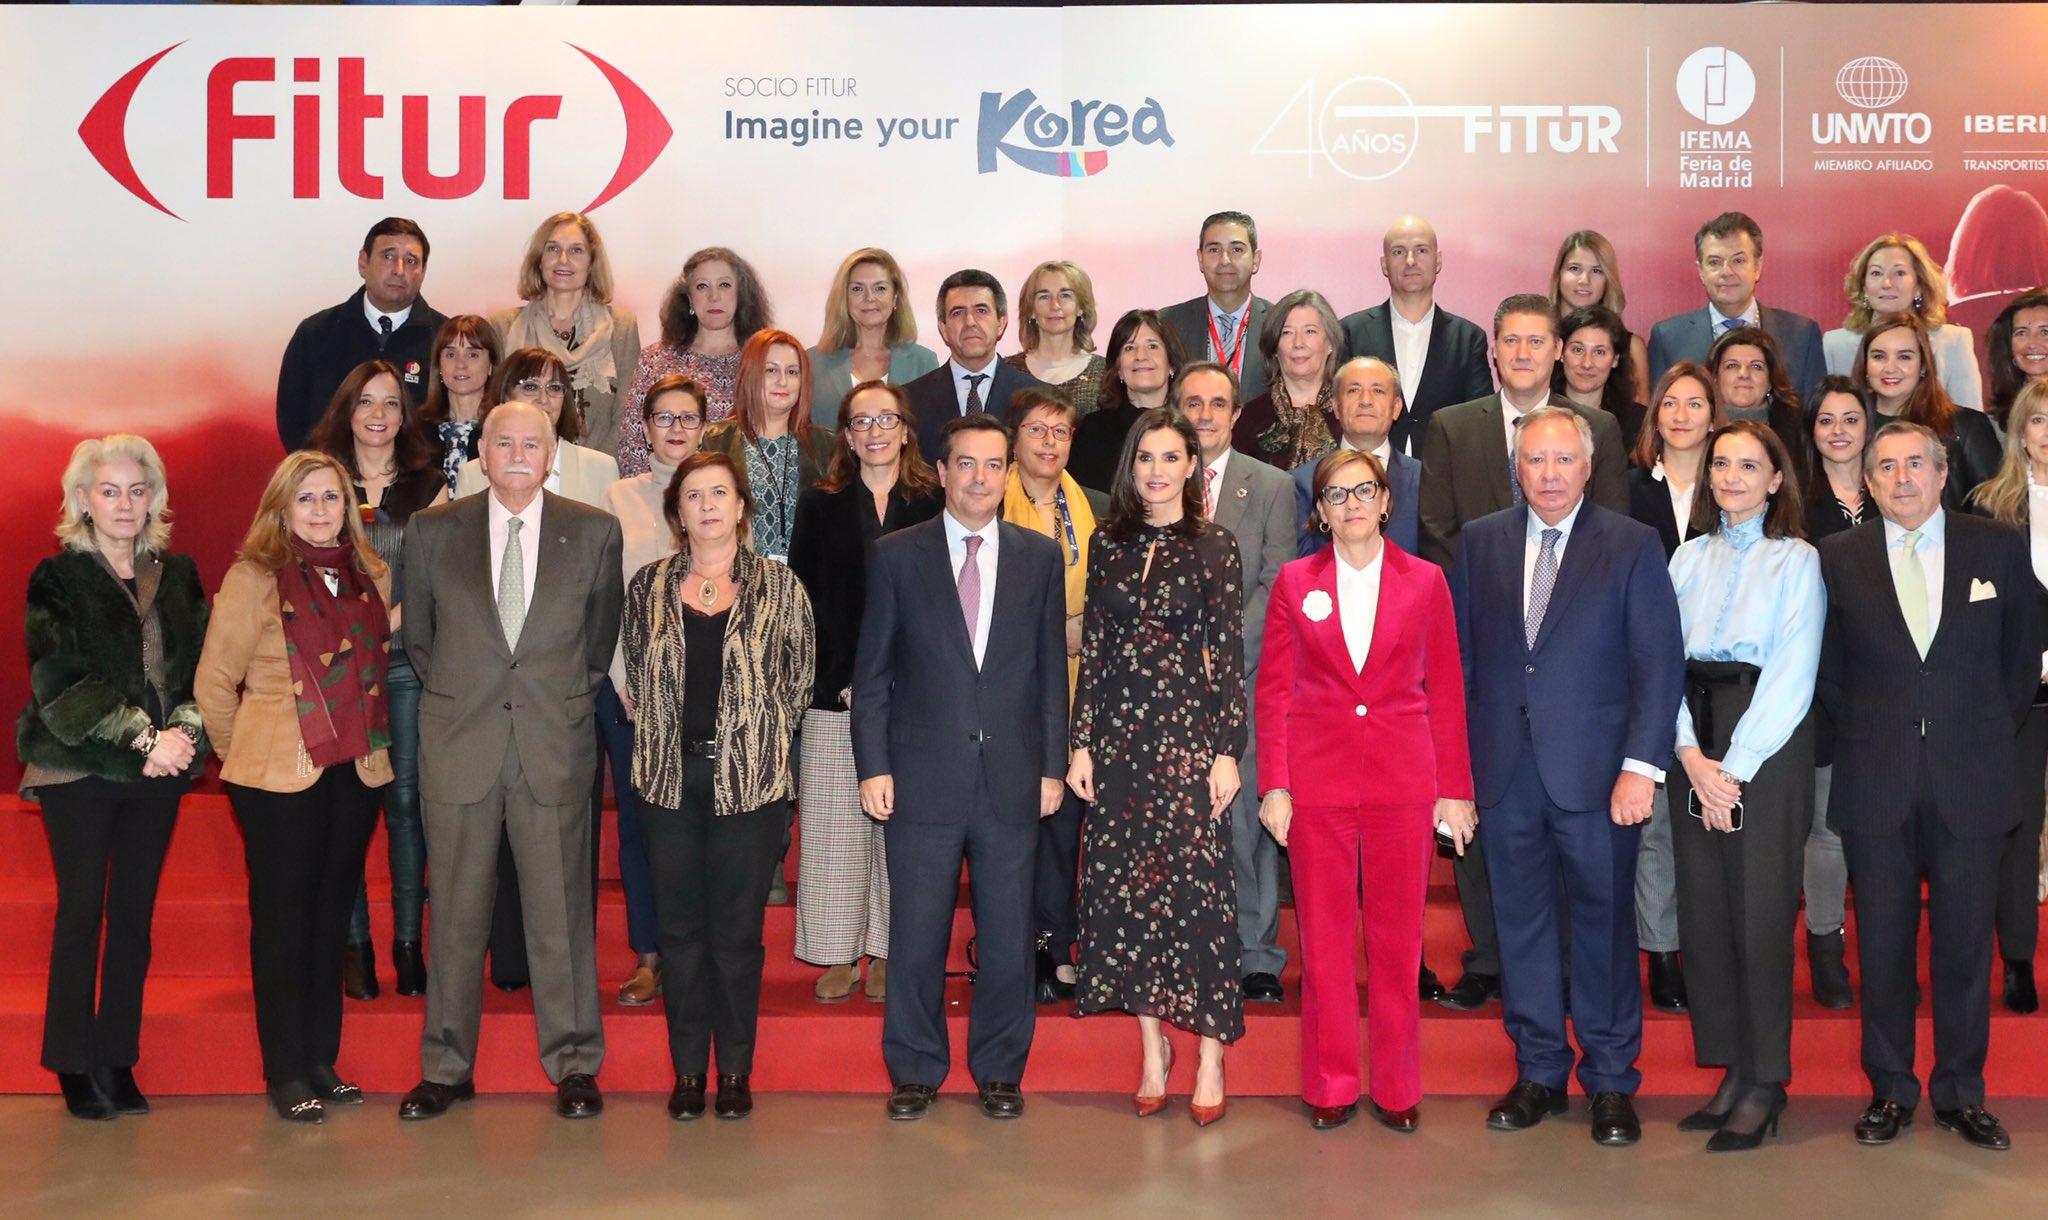 La reina Letizia inaugura la edición 40 de Fitur 2020 con un vestido de Massimo Dutti